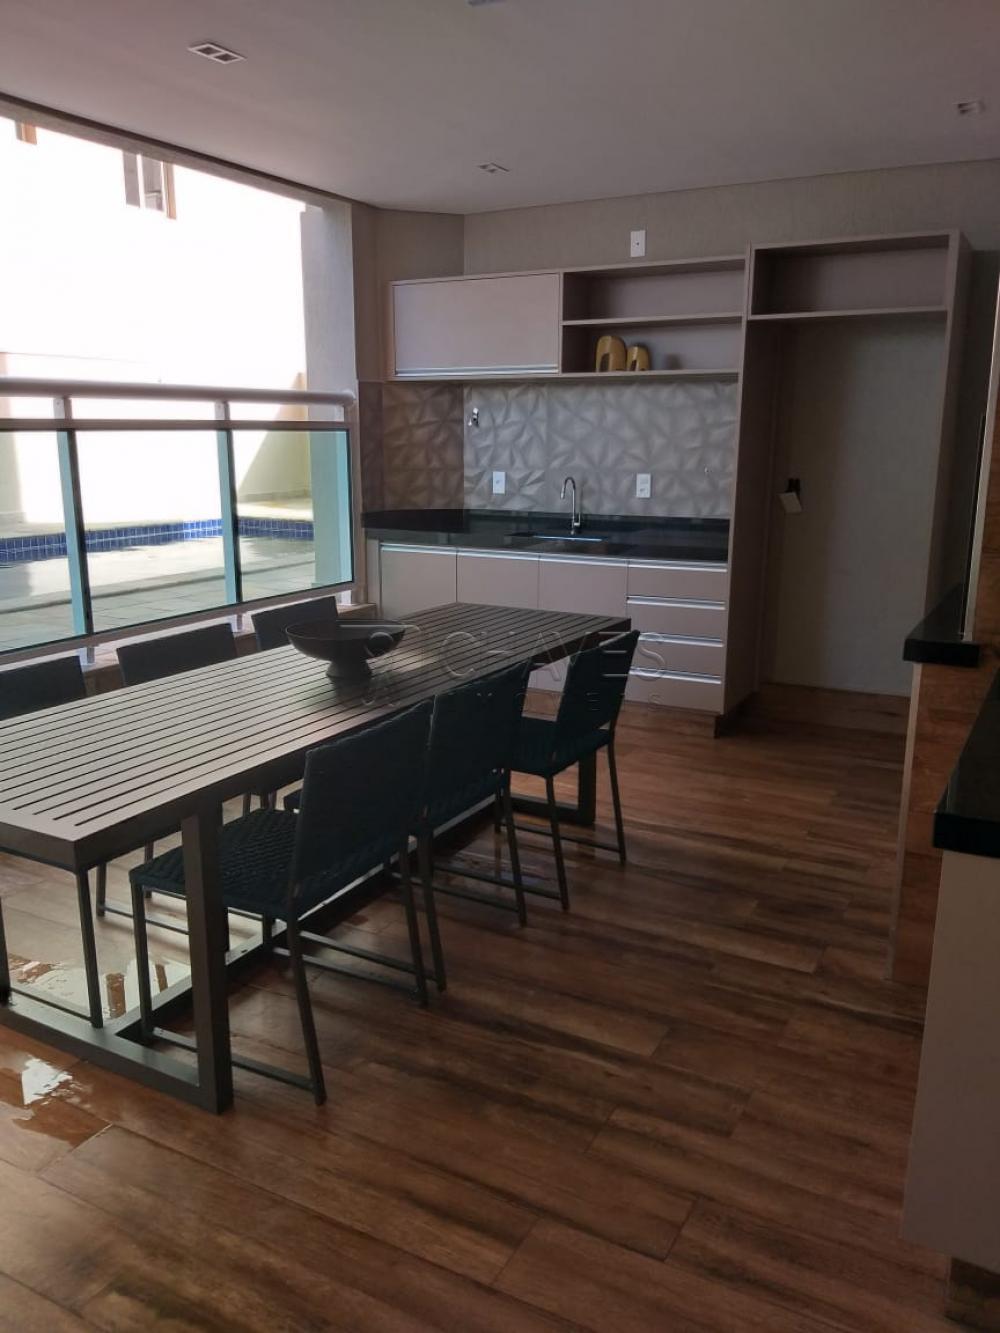 Comprar Apartamento / Padrão em Ribeirão Preto apenas R$ 586.450,00 - Foto 3